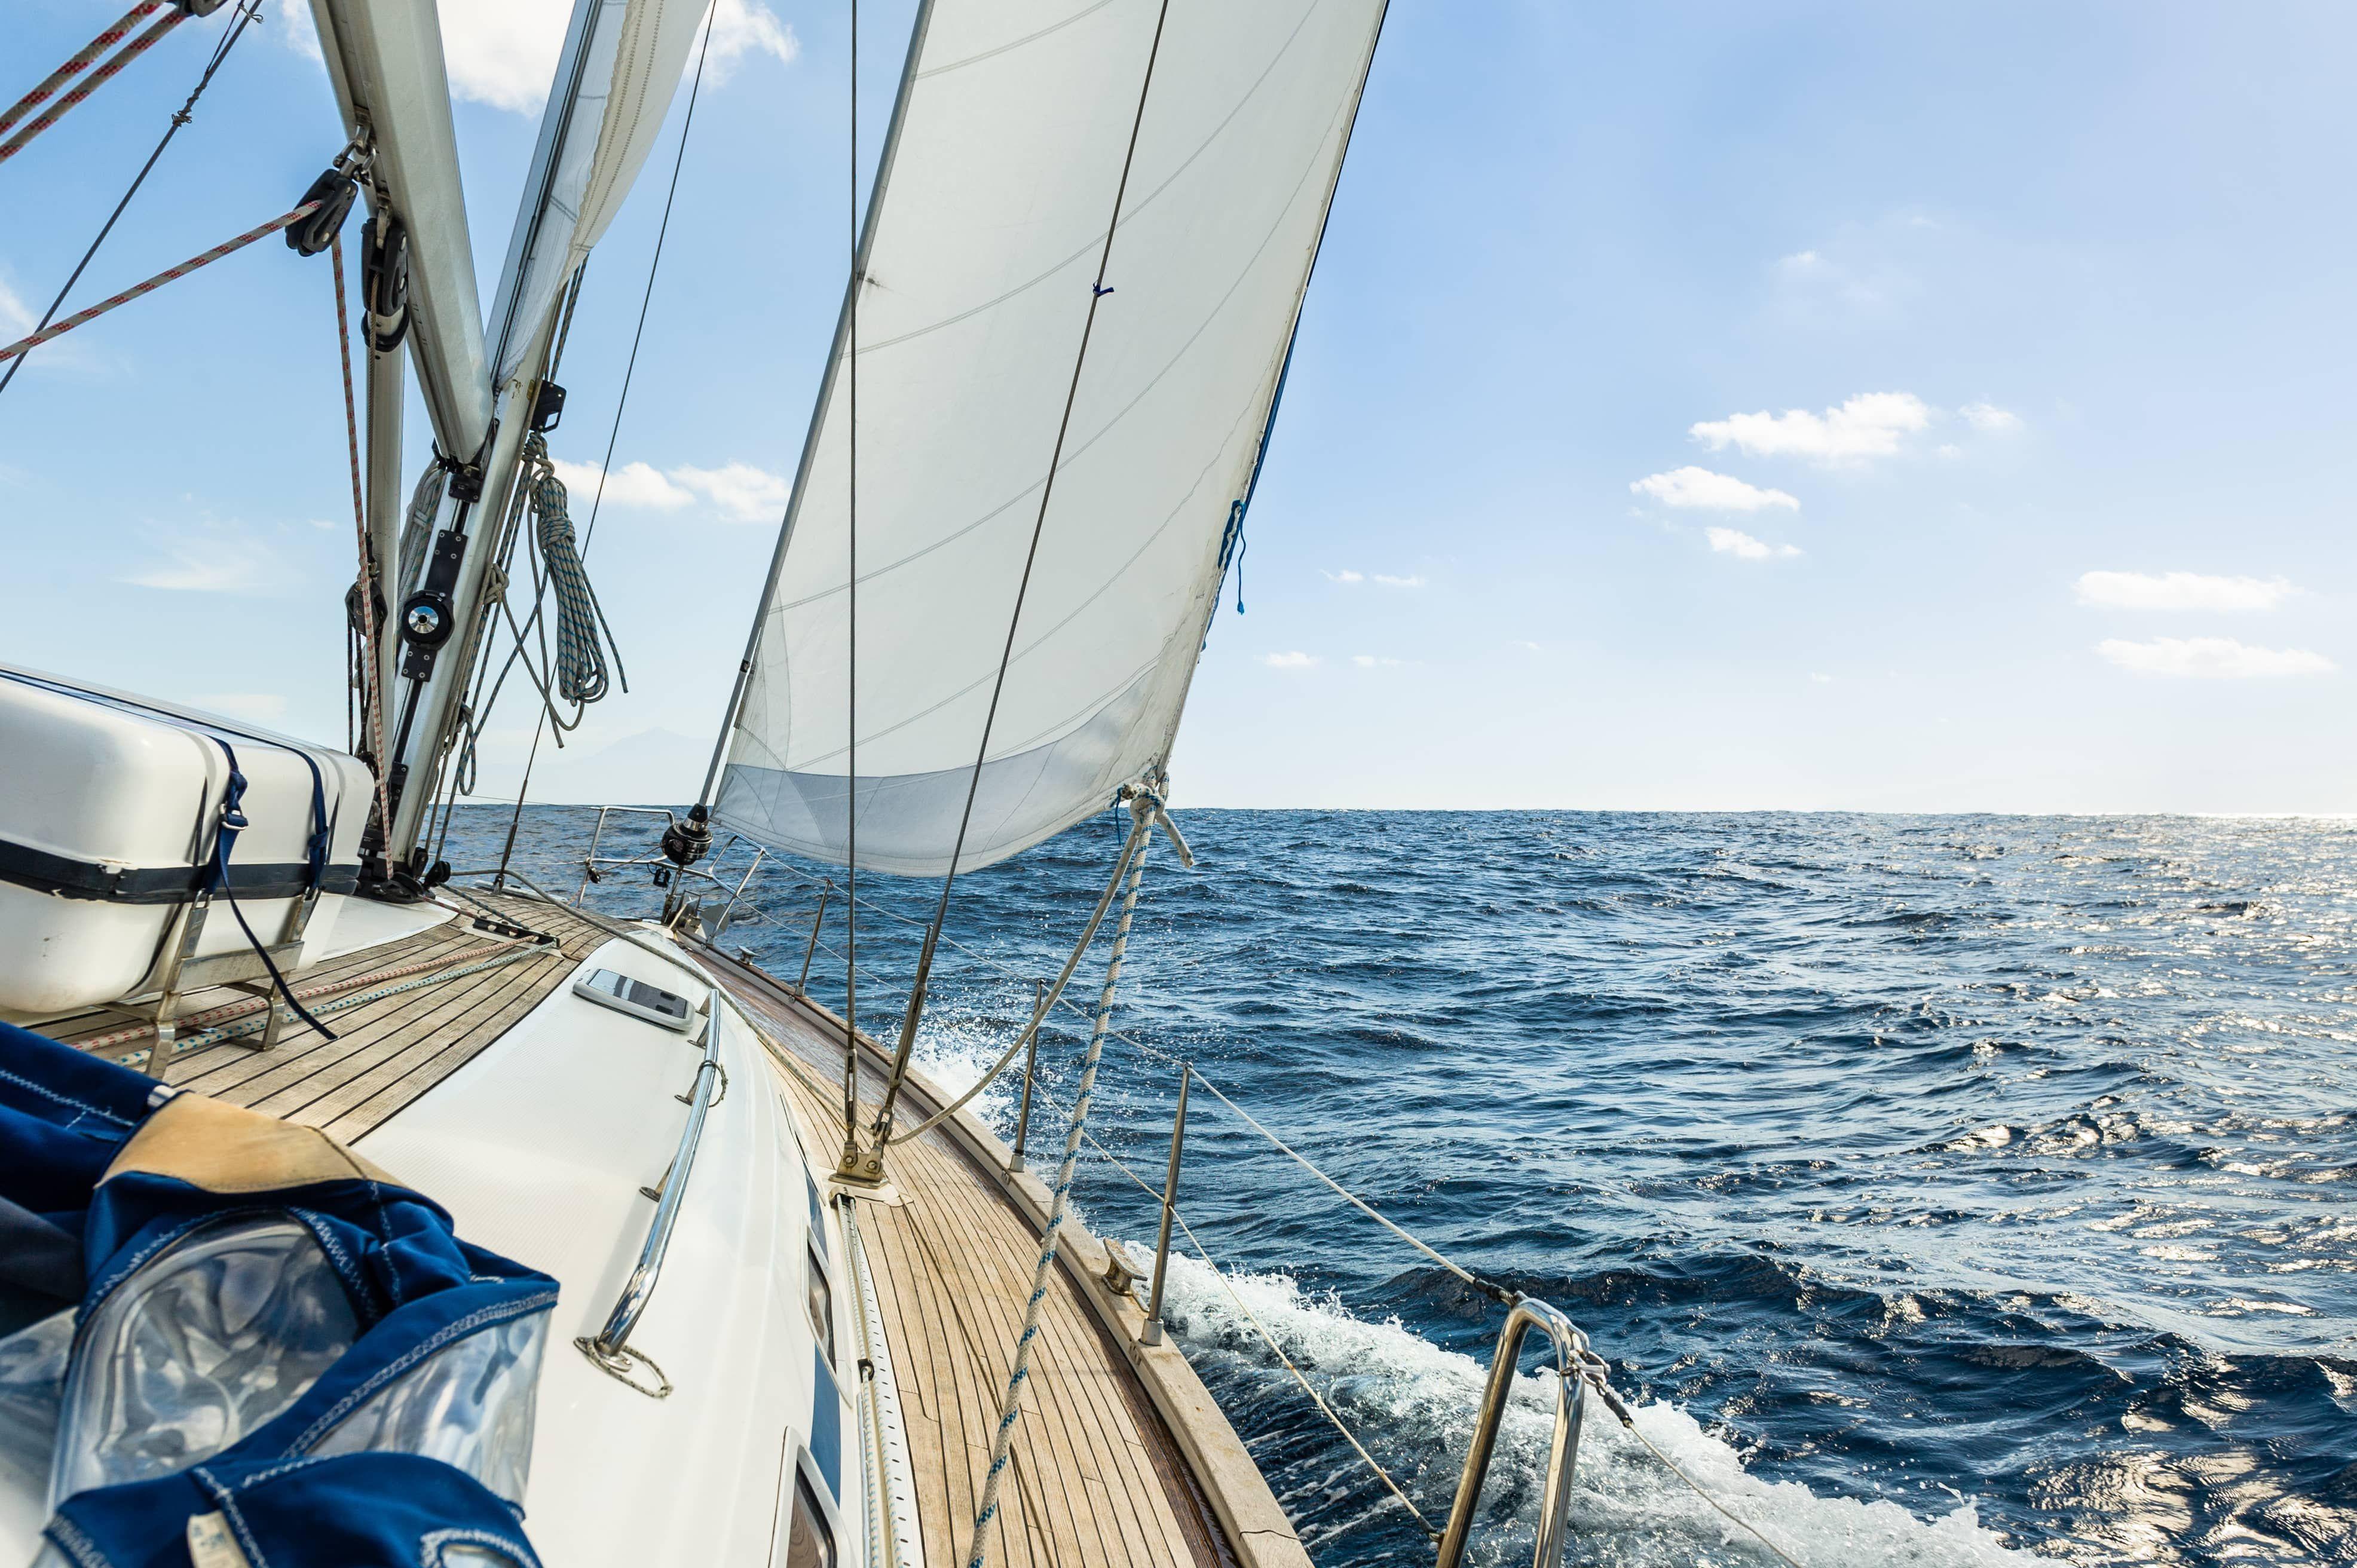 Fotografia Cruzar el Atlántico en barco